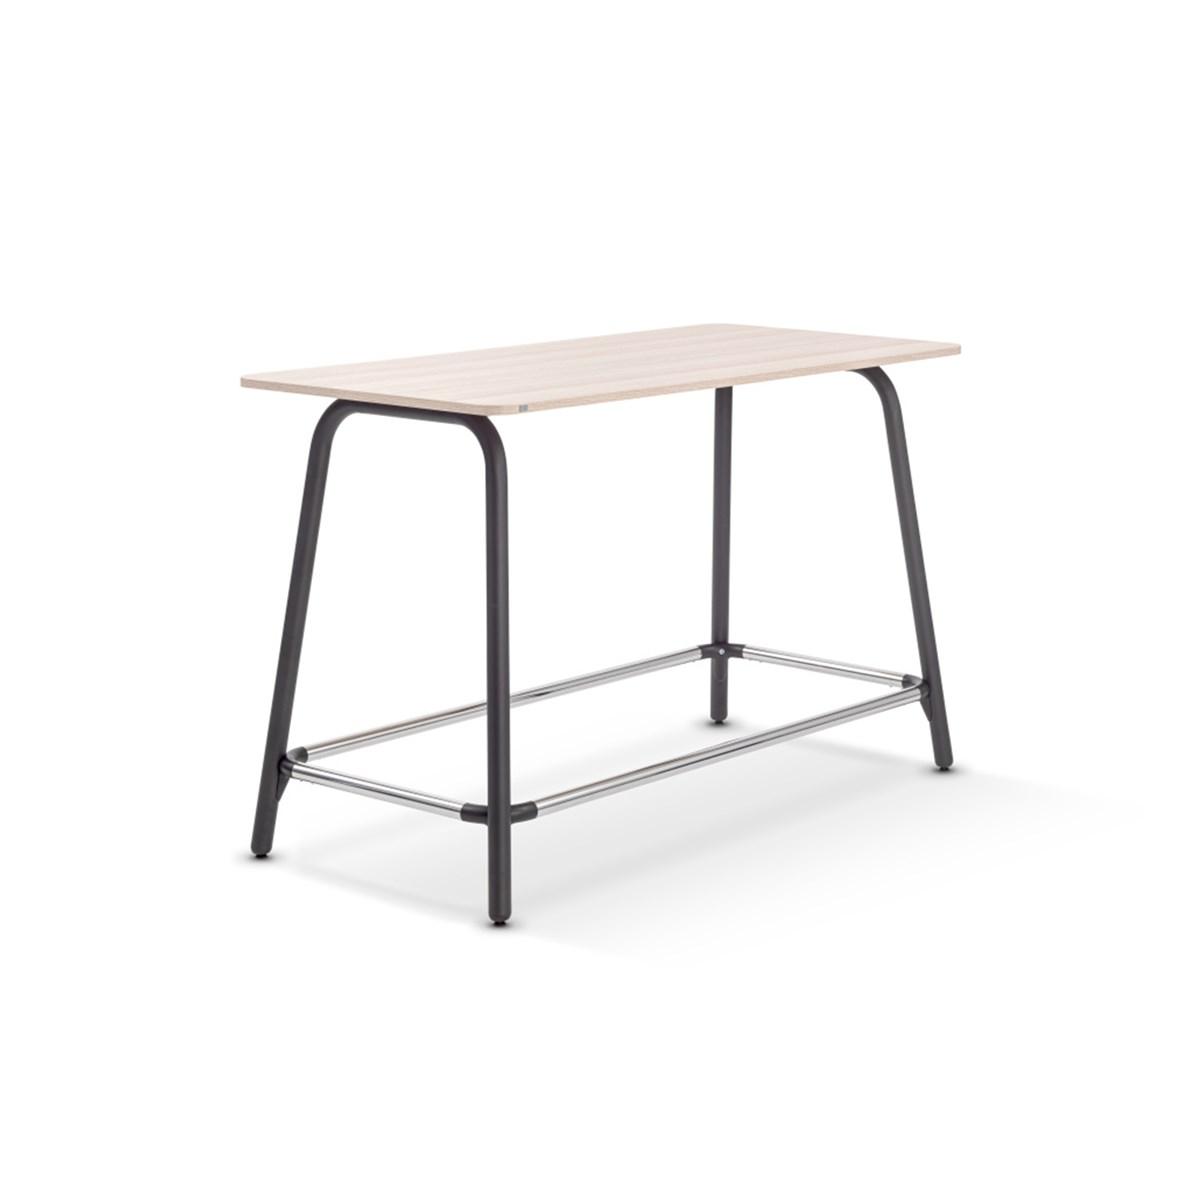 Sedus-Selab-High-Desk-Matisse-1